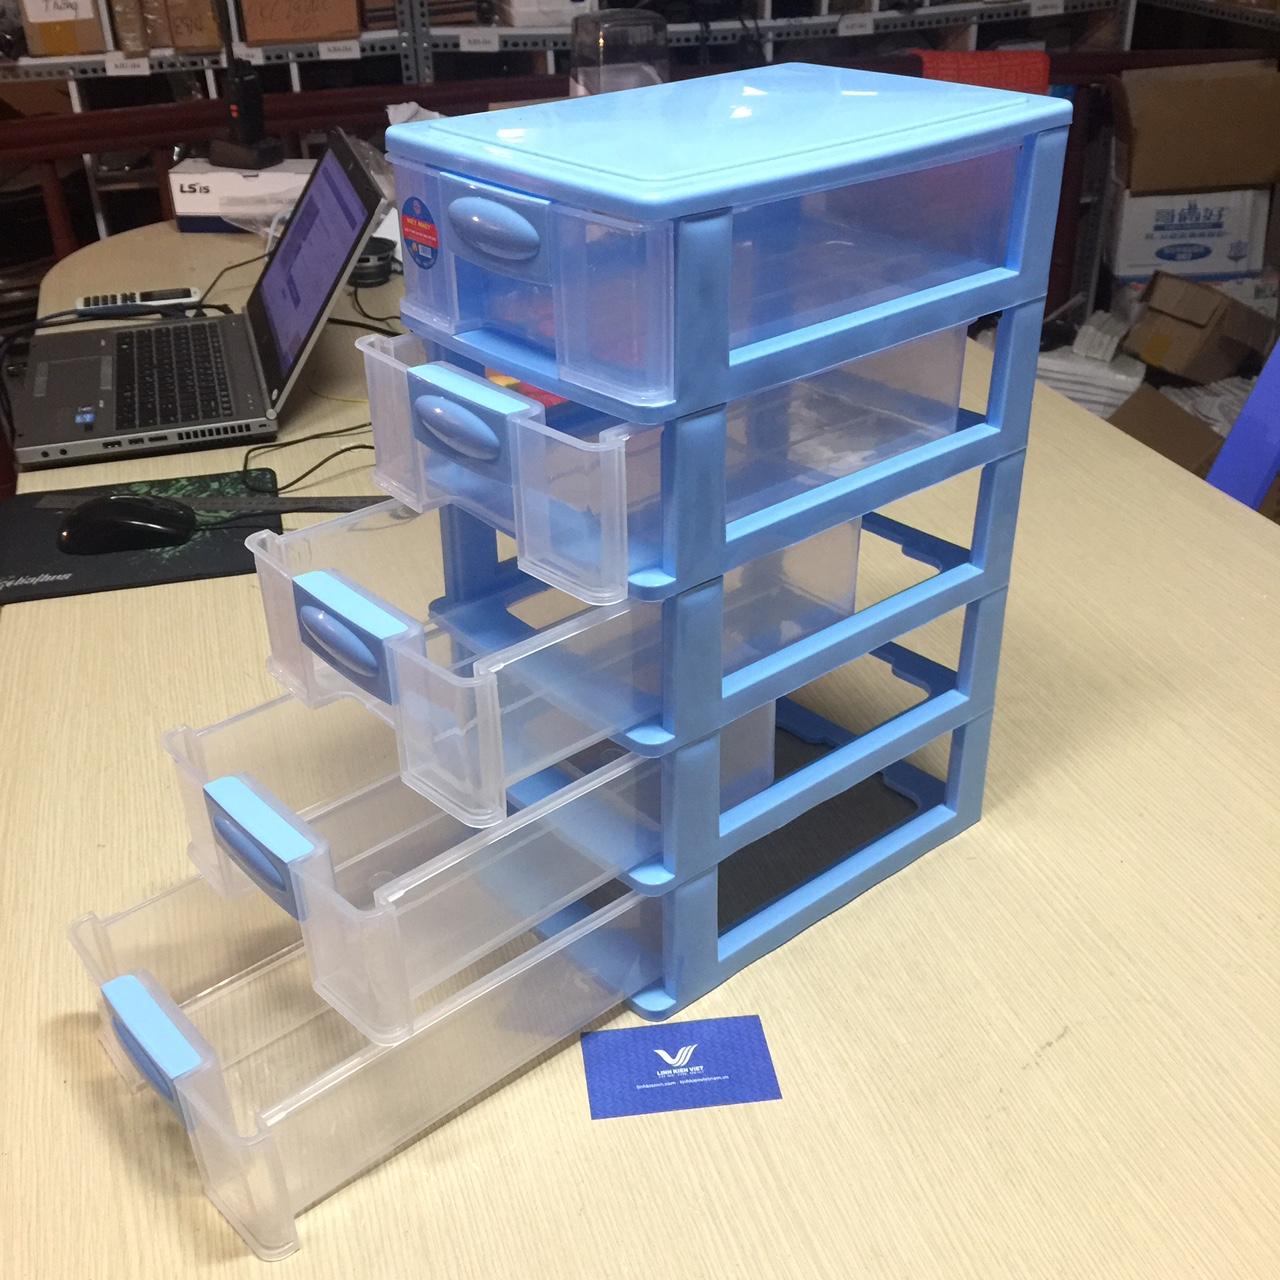 Tủ nhựa mini 5 tầng Việt Nhật 26*18*41cm / Hộp nhựa 5 tầng